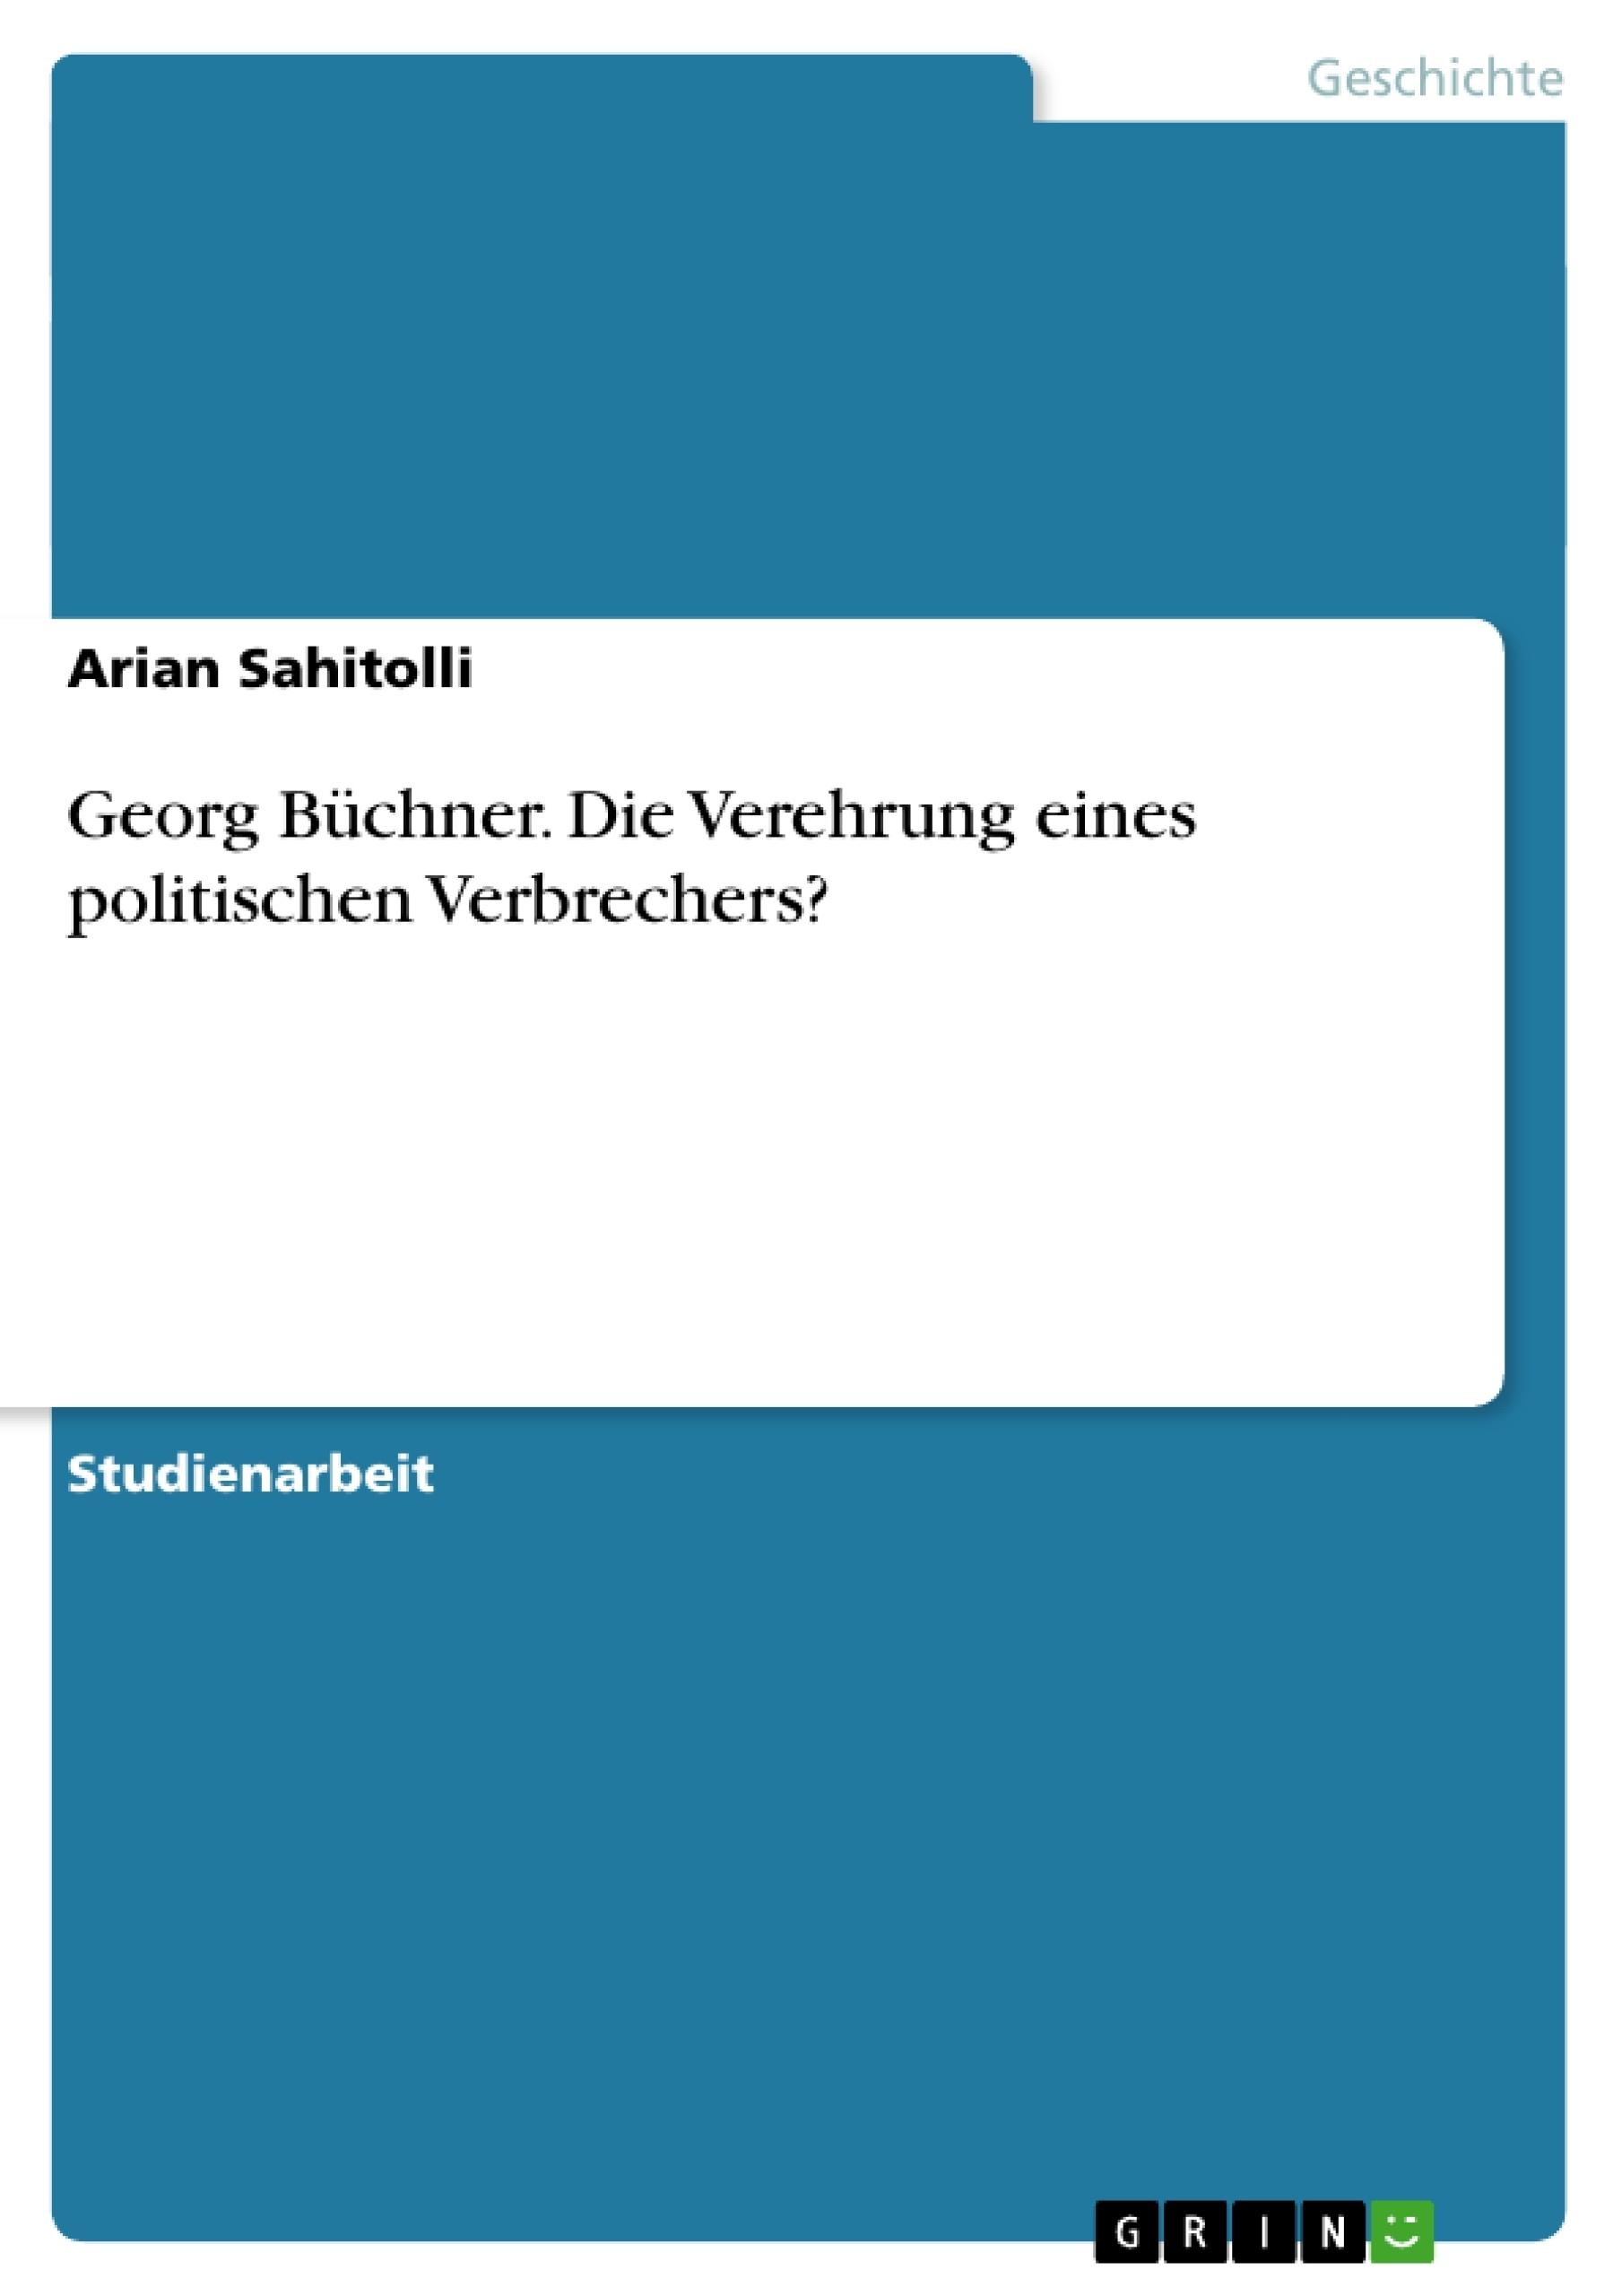 Titel: Georg Büchner. Die Verehrung eines politischen Verbrechers?